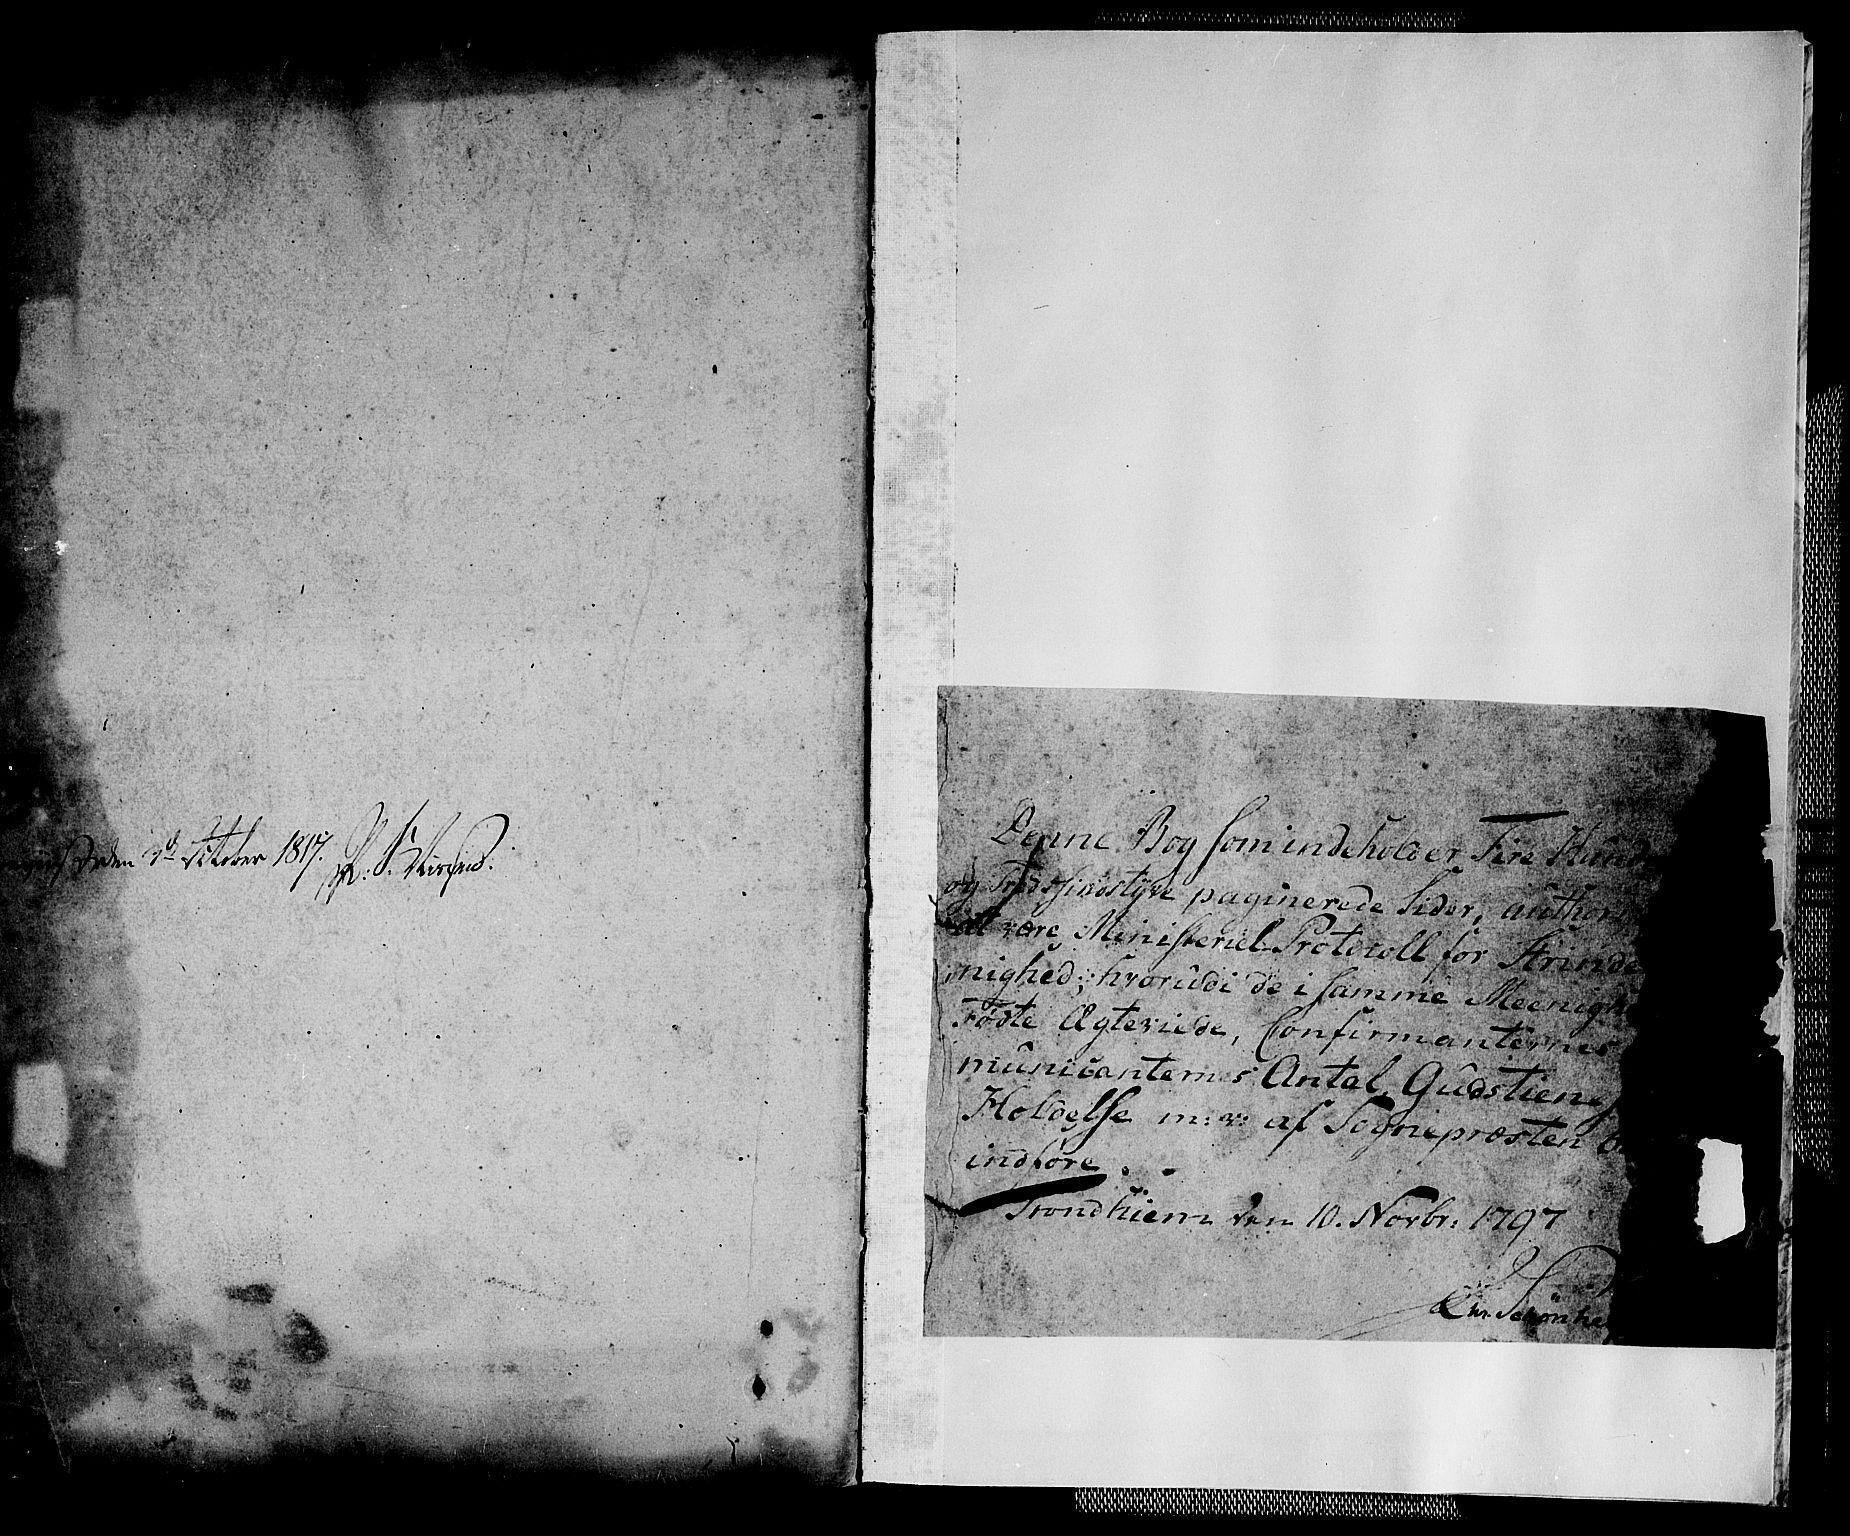 SAT, Ministerialprotokoller, klokkerbøker og fødselsregistre - Sør-Trøndelag, 604/L0181: Ministerialbok nr. 604A02, 1798-1817